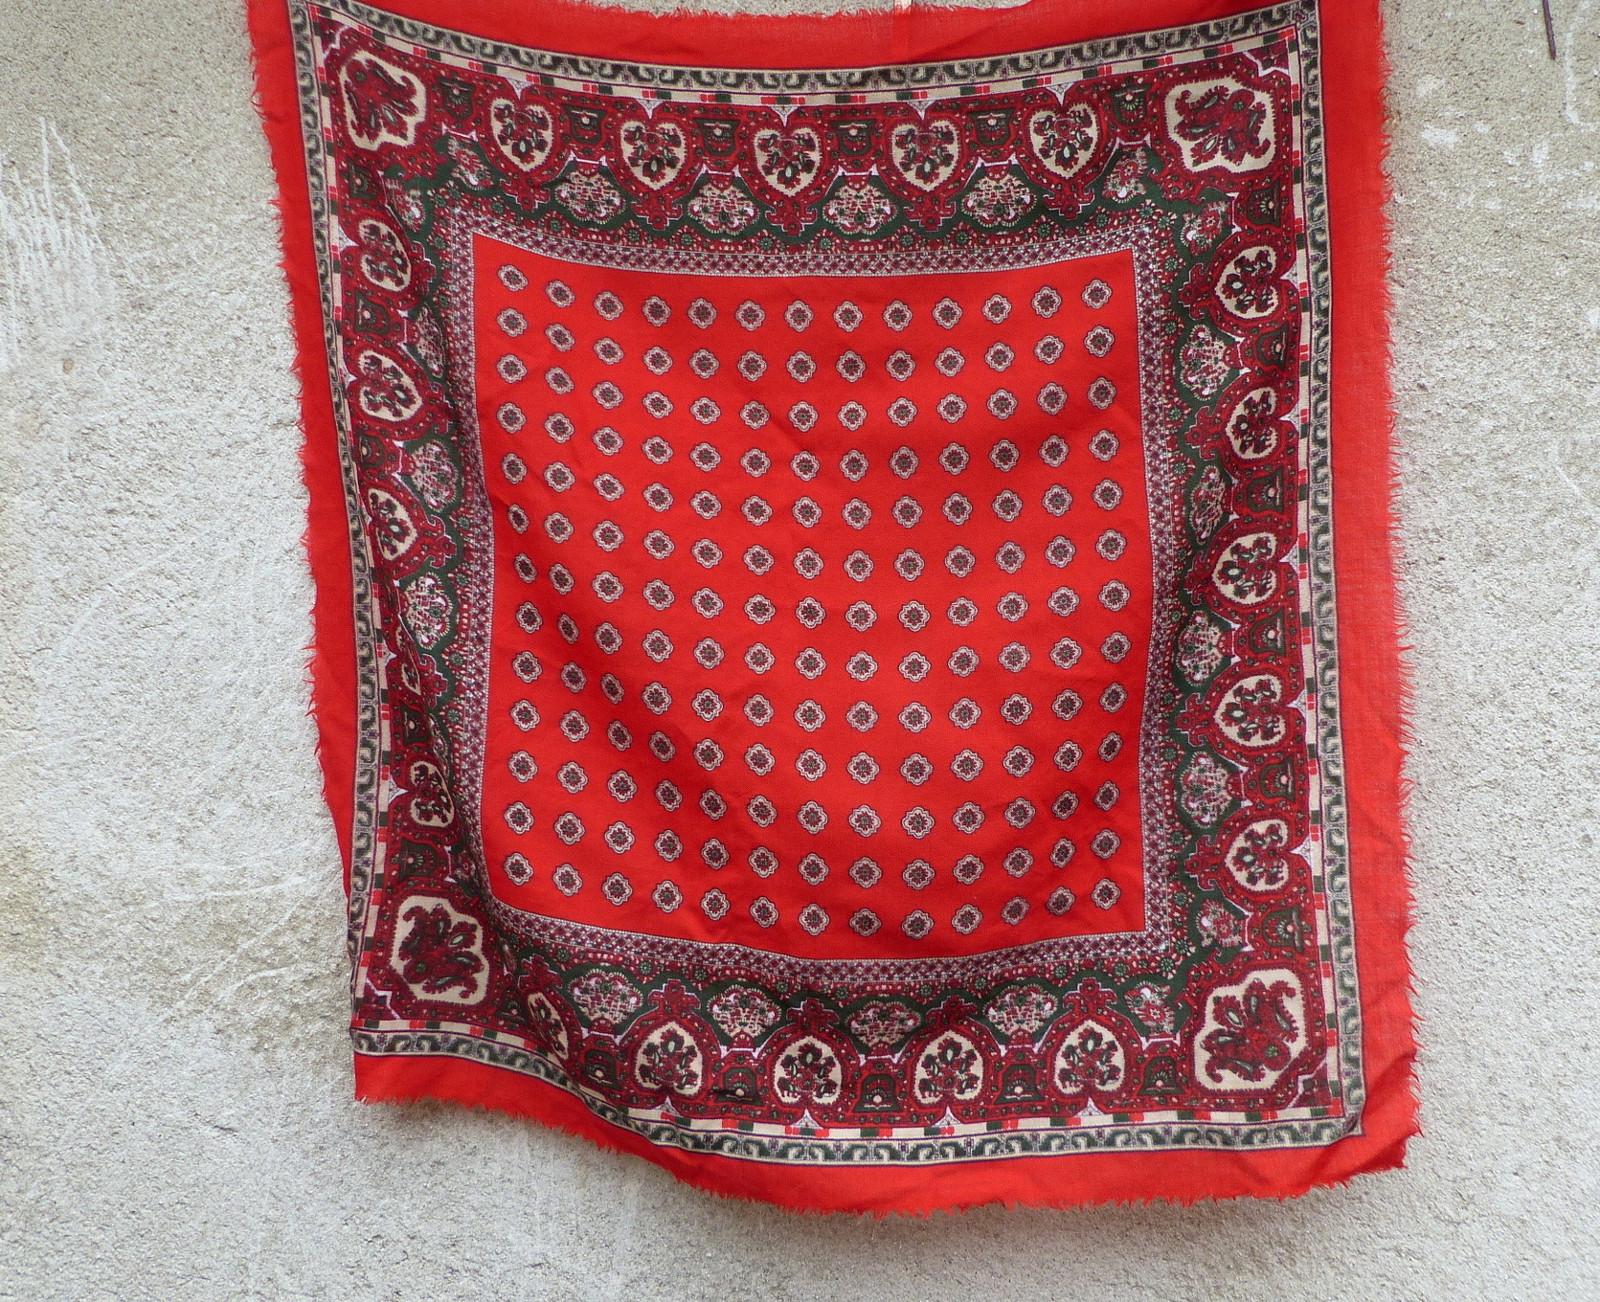 Červený...starý vlněný kašmírový šátek   Zboží prodejce letokruhy ... 20ae8085b5